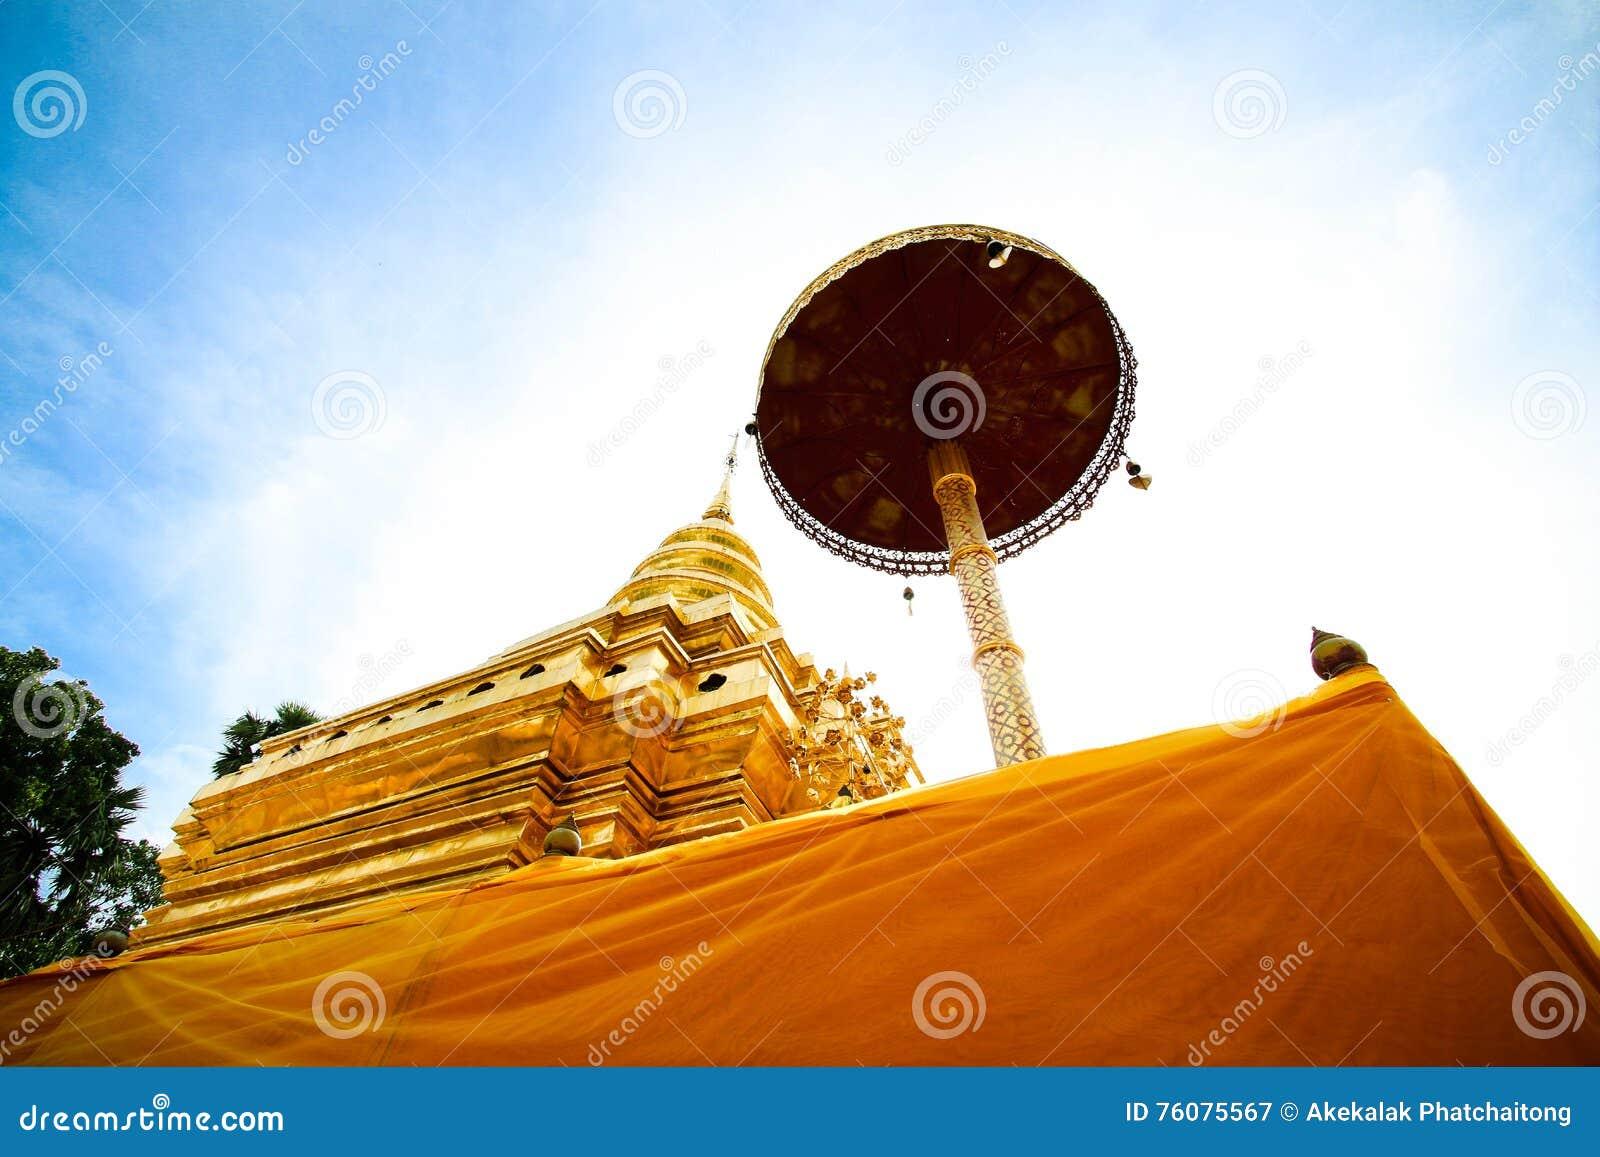 Pagoda d or à la lanière de Wat Phra That Sri Chom, province de Chiangmai, Thaïlande